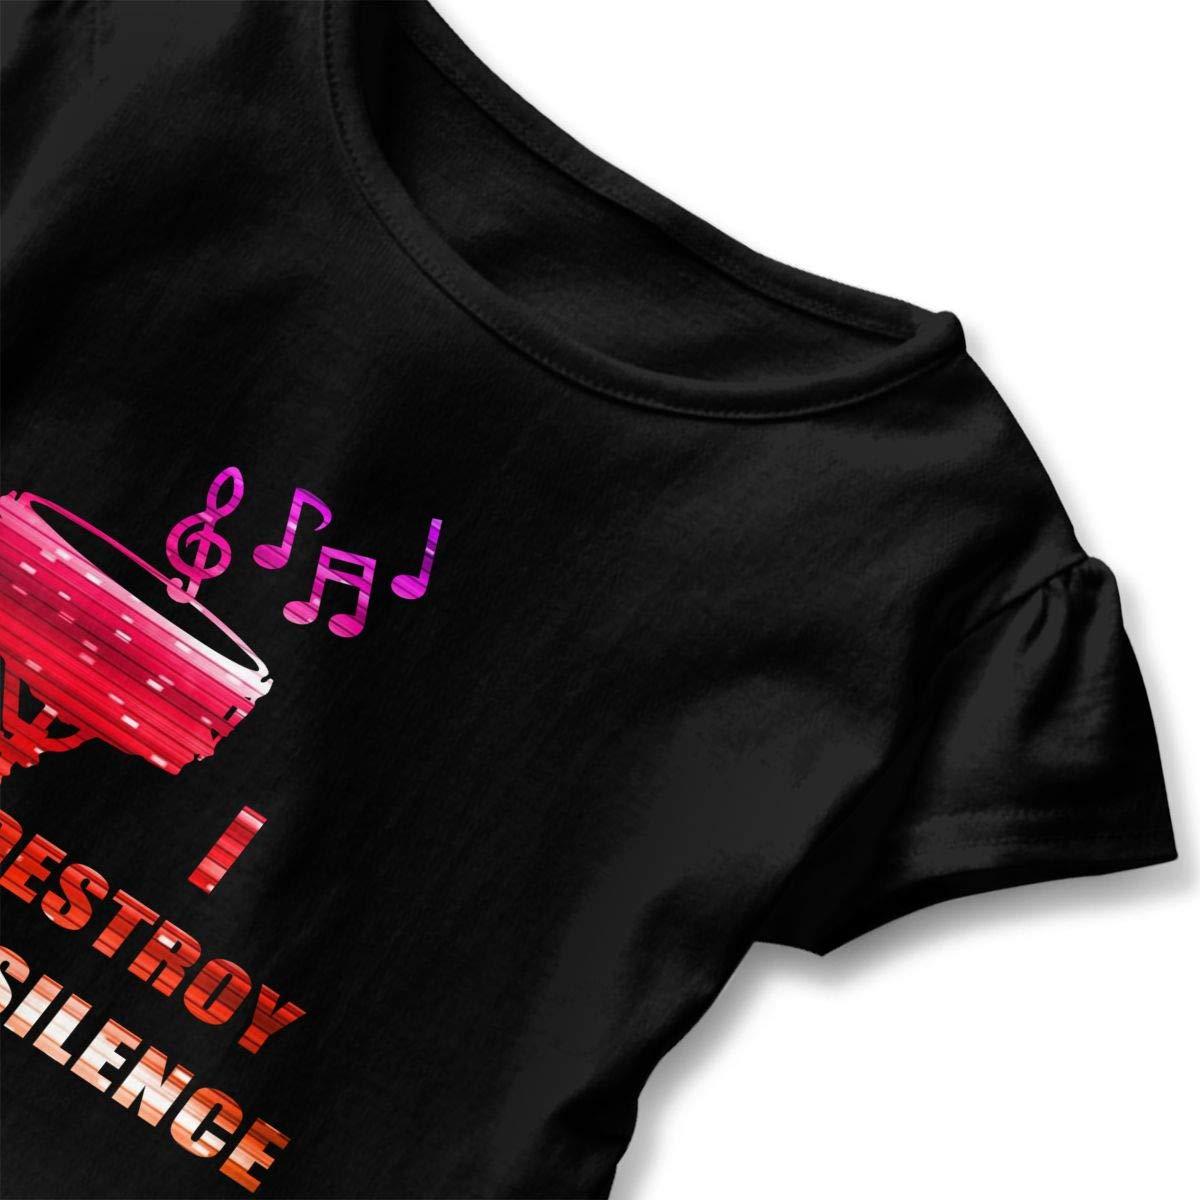 Clarissa Bertha Drummer Music Note Drum Neon Toddler Baby Girls Short Sleeve Ruffle T-Shirt